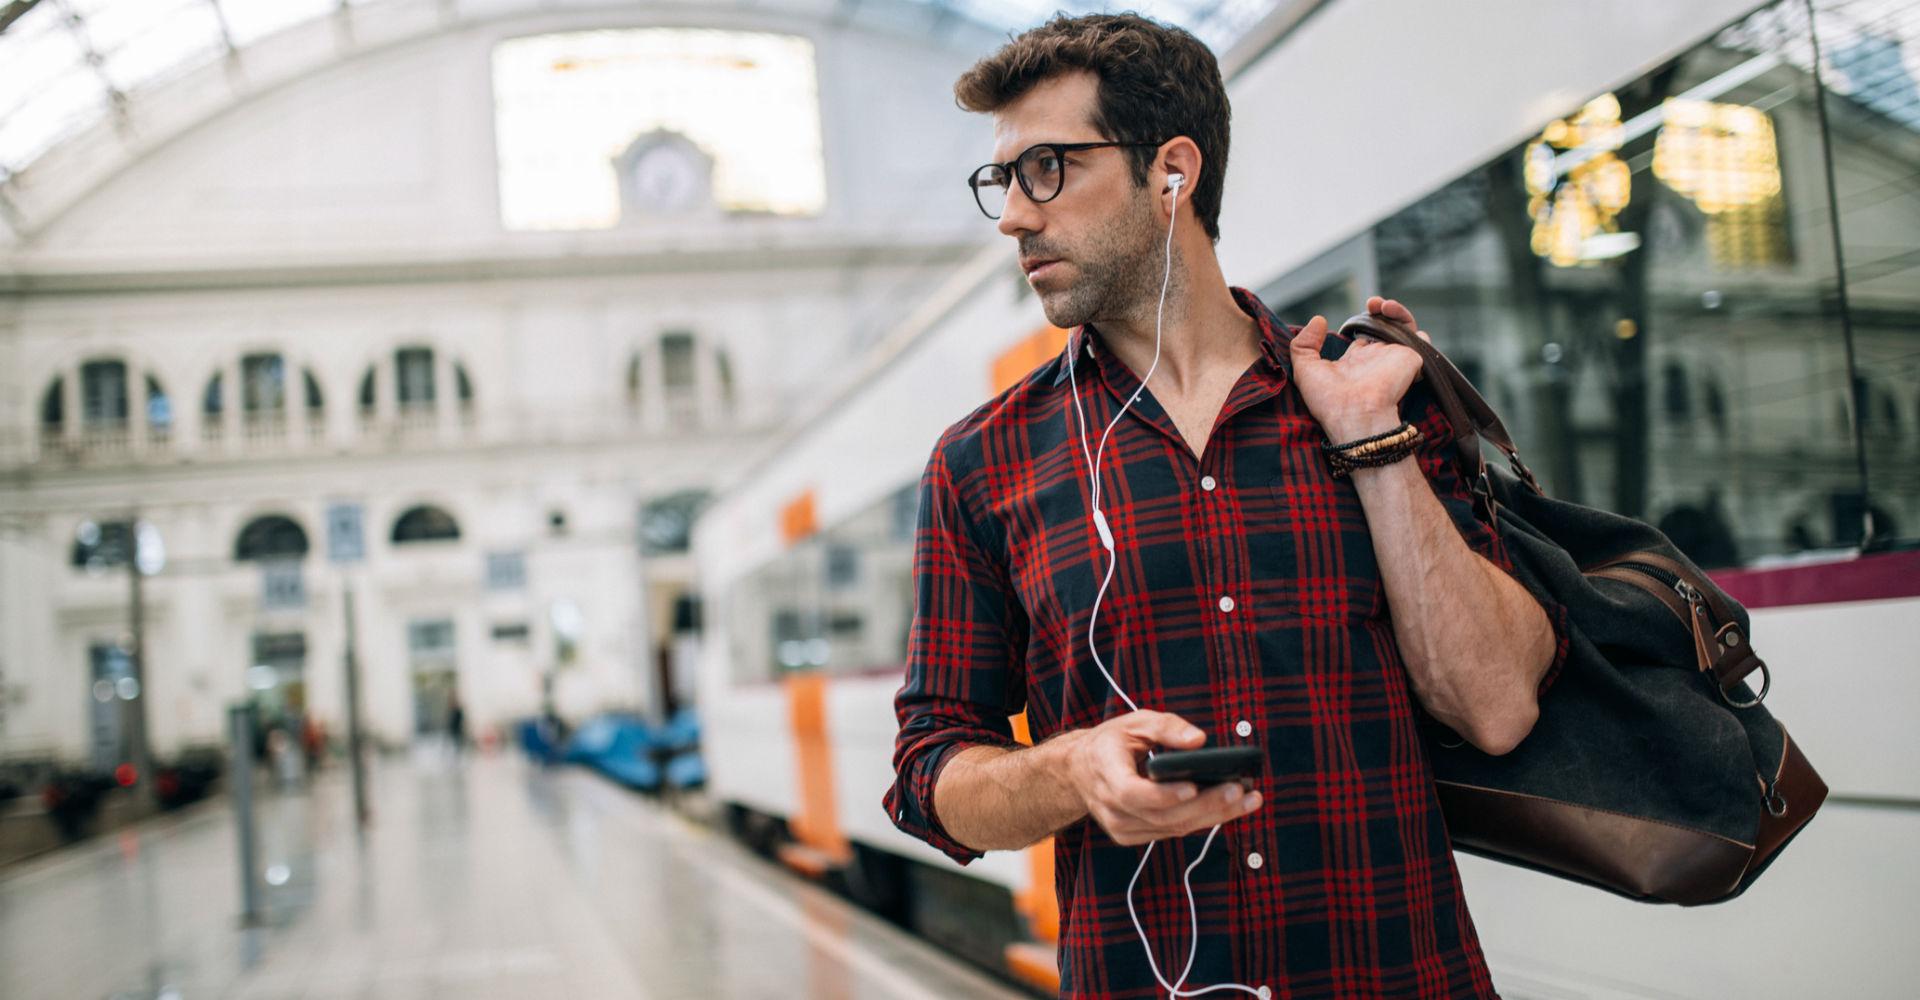 Junger Mann steuert seine Musik mit Google Maps am Smartphone und wartet auf den Zug.